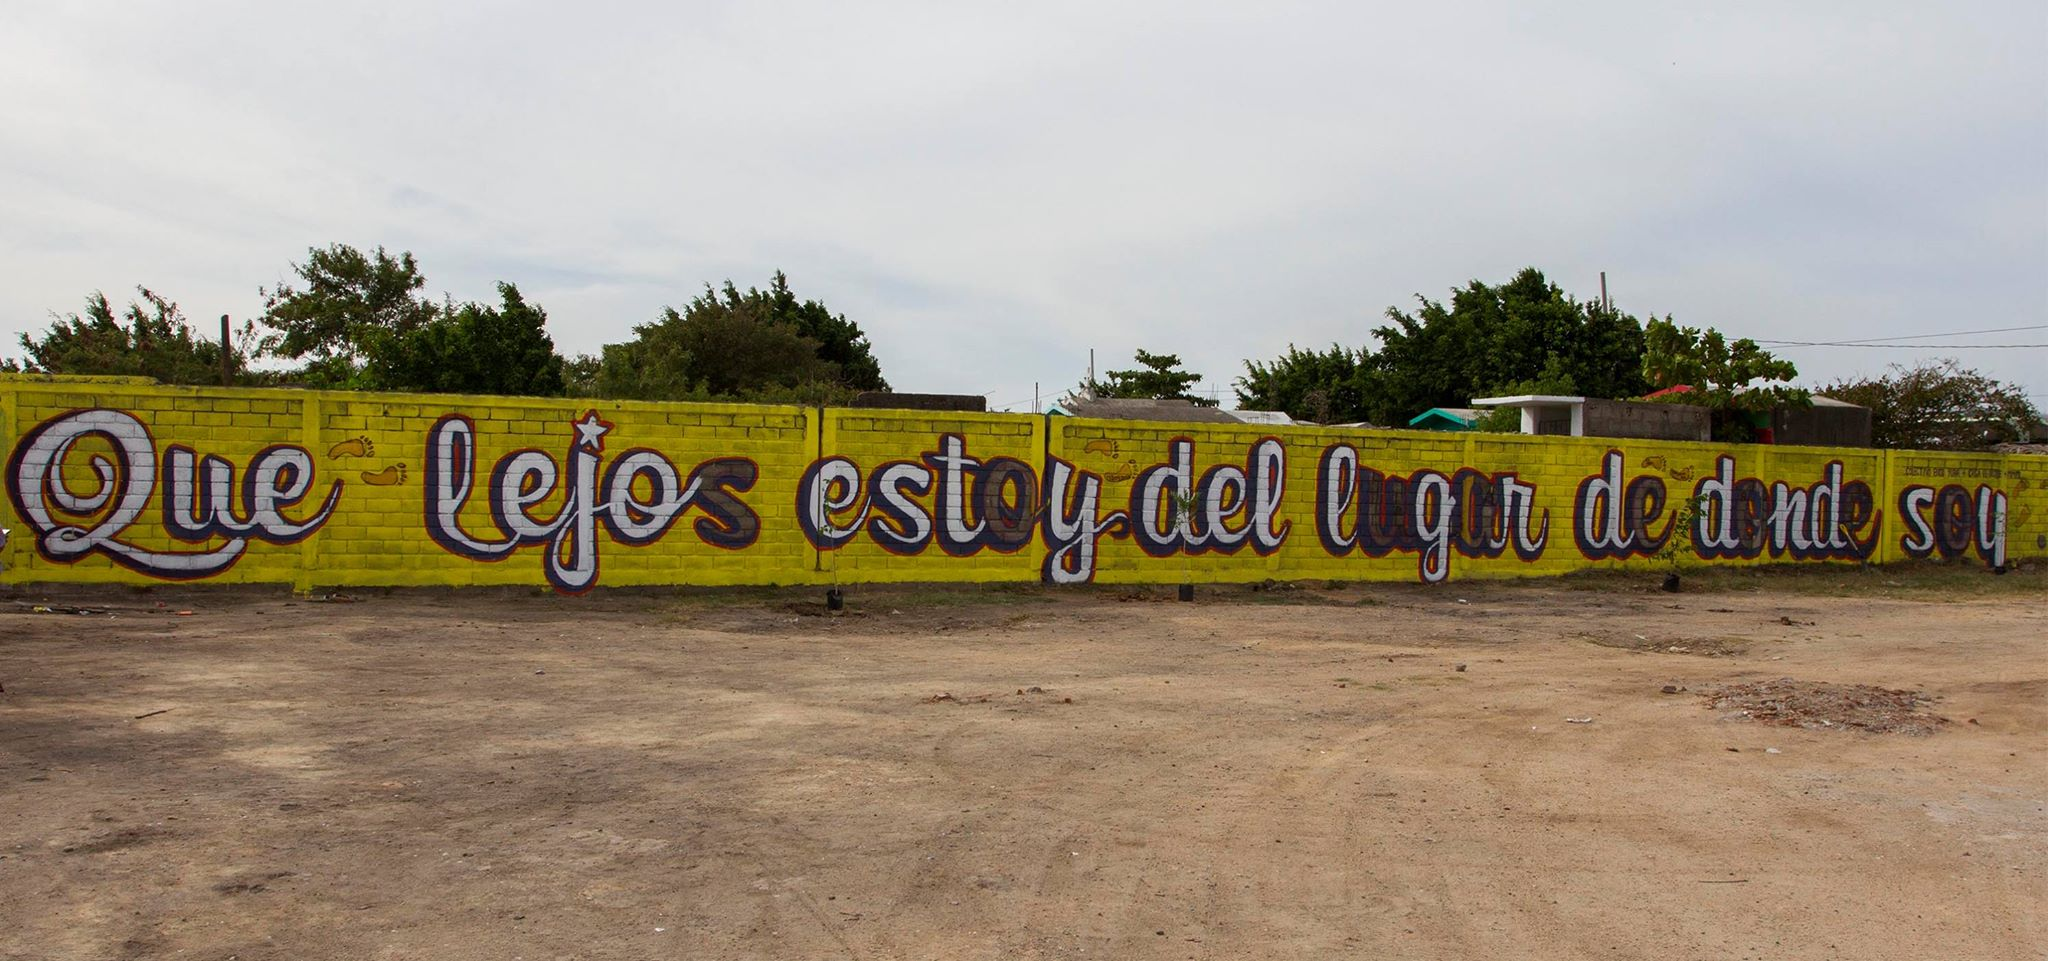 Que lejos estoy del lugar de donde soy movimiento for Mural de la casa del migrante analyse